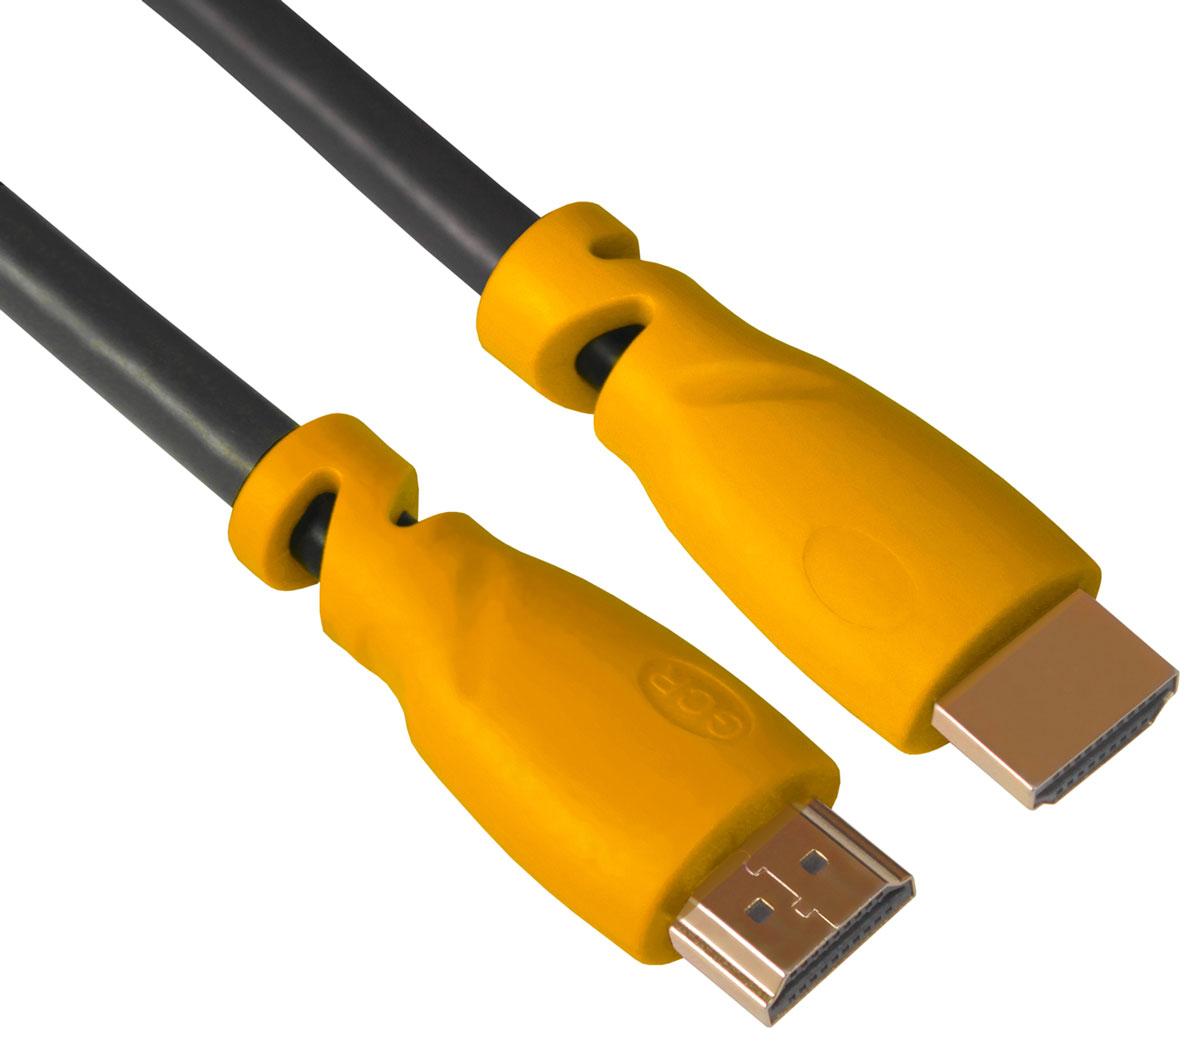 Greenconnect GCR-HM340 кабель HDMI (1,8 м)GCR-HM340-1.8mКабель HDMI v 1.4 Greenconnect GCR-HM340 - отличное решение для подключения компьютера, игровых консолей, DVD и Blu-ray плееров, аудио-ресиверов к телевизору или дополнительному монитору. Кабель HDMI поддерживает как стандартные, так и высокие разрешения самых современных моделей телевизоров. Greenconnect GCR-HM340 поддерживает 4K, Full HD и HD разрешения. Это даёт возможность наслаждаться более точной и естественной картинкой с высочайшим уровнем детализации и диапазоном цветов. Использование кабеля позволяет передавать изображение в столь популярном формате 3D, усиливая элемент присутствия и позволяя получать удовольствие от качественного объёмного изображения. Кабель оснащен двунаправленным каналом для передачи сетевых данных, который подходит для использования IP-приложениями. Канал Ethernet позволяет нескольким устройствам работать в сети Ethernet без необходимости подключения дополнительных проводов, а также напрямую обмениваться контентом. Наличие...